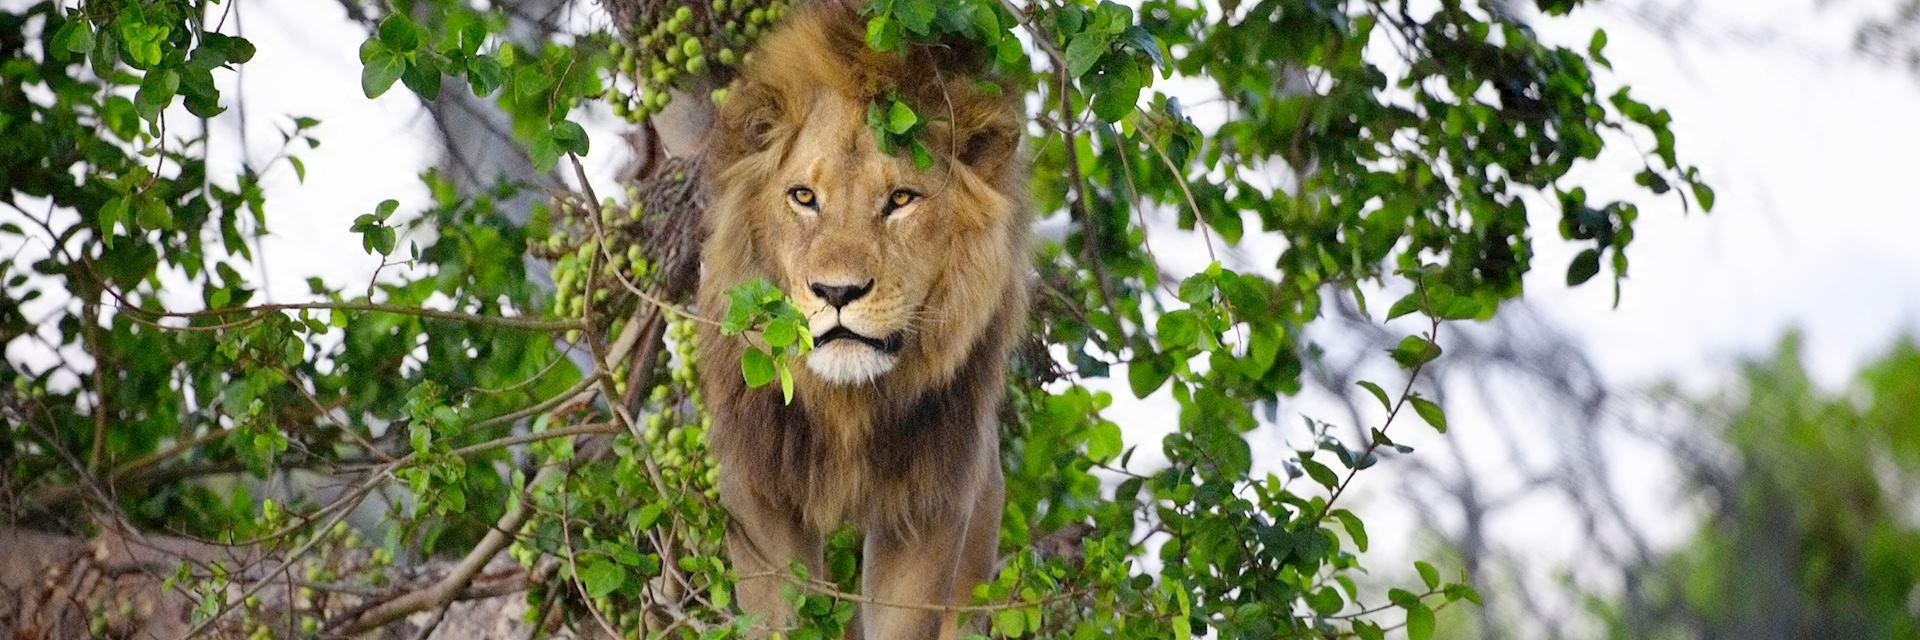 Lion in Duba Concession